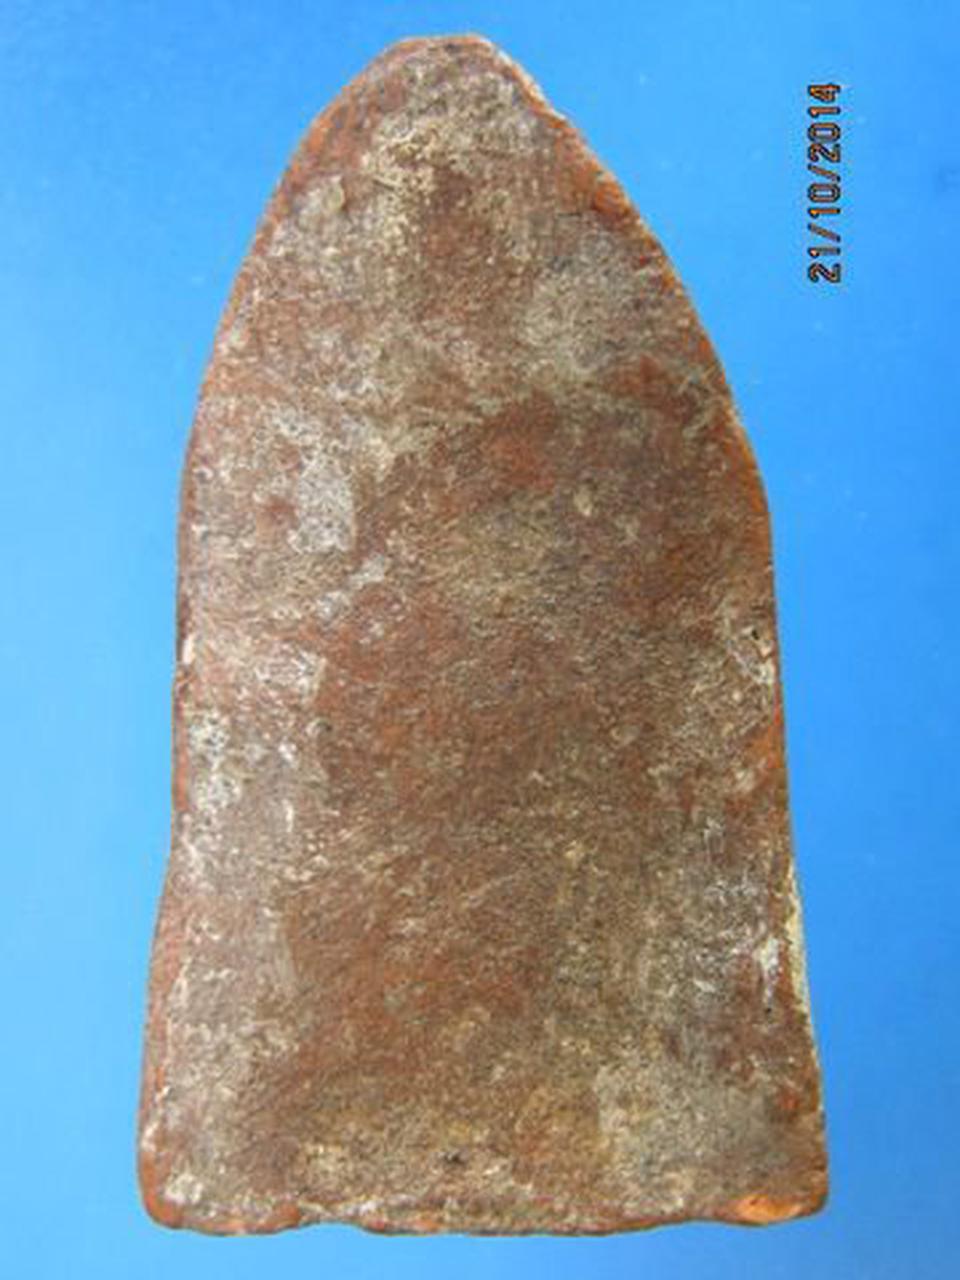 627 พระชินราชใบเสมาพิมพ์ใหญ่ เนื้อดินเผา จ.พิษณุโลก หายากกว่ รูปที่ 3